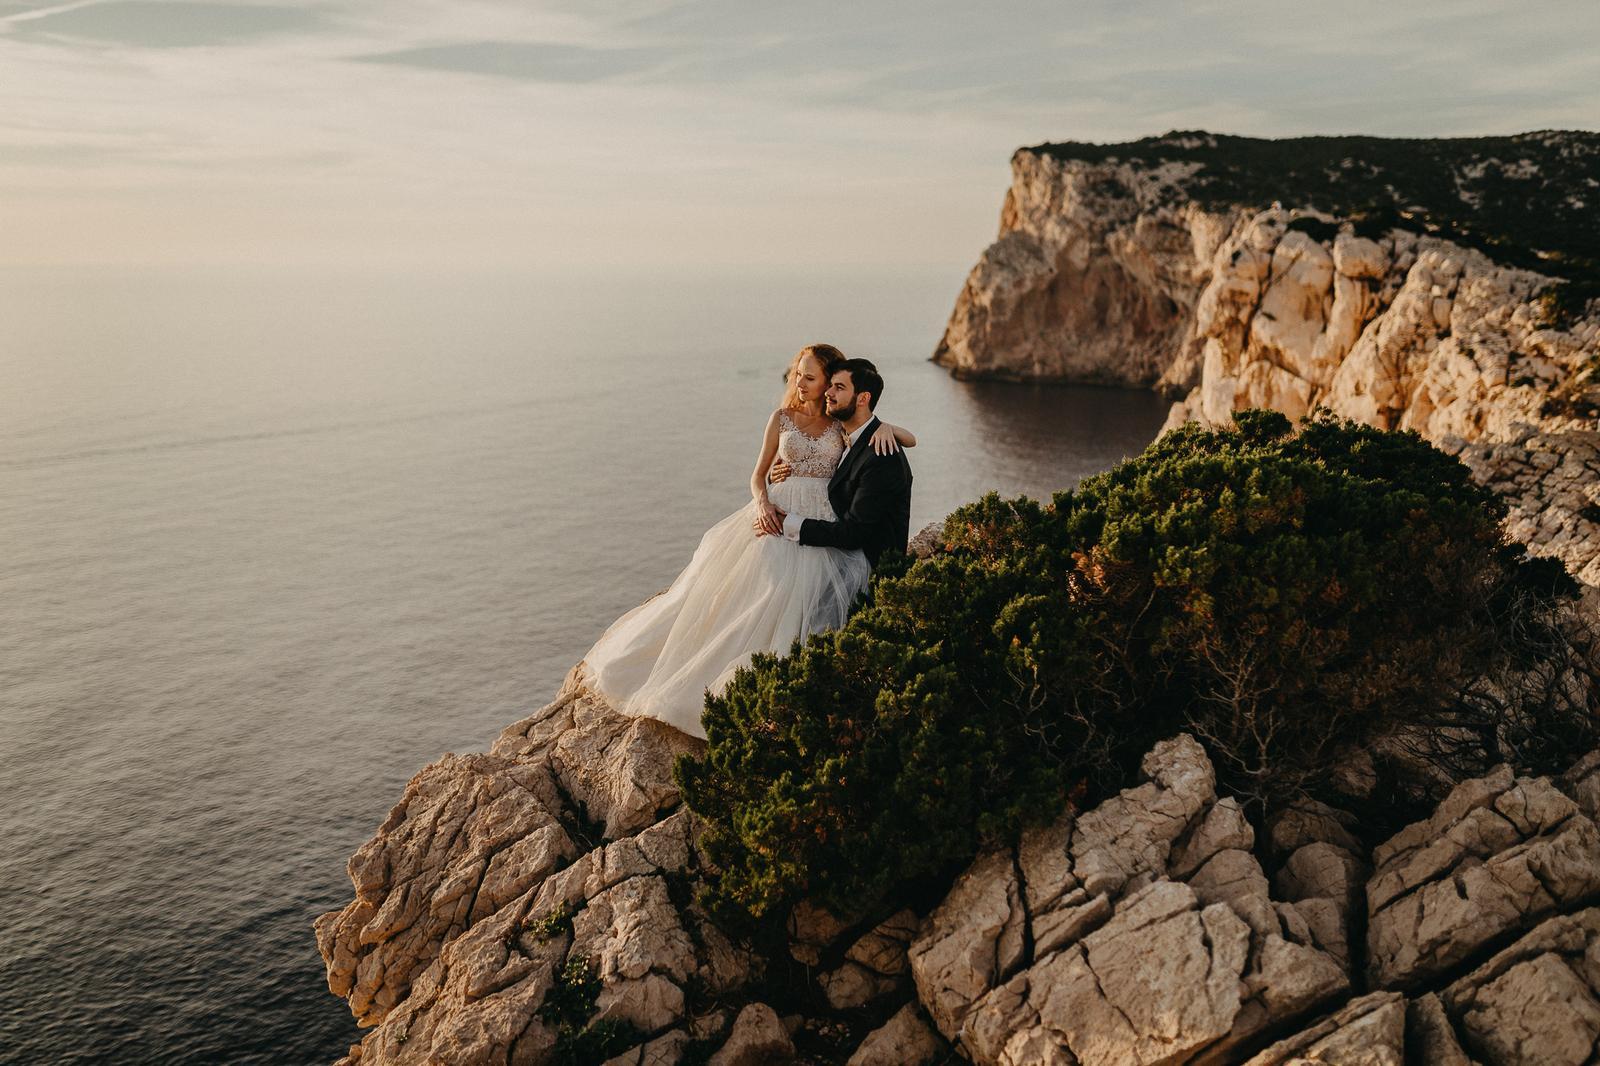 Naše svadobné fotenie na Sardínii - Obrázok č. 81